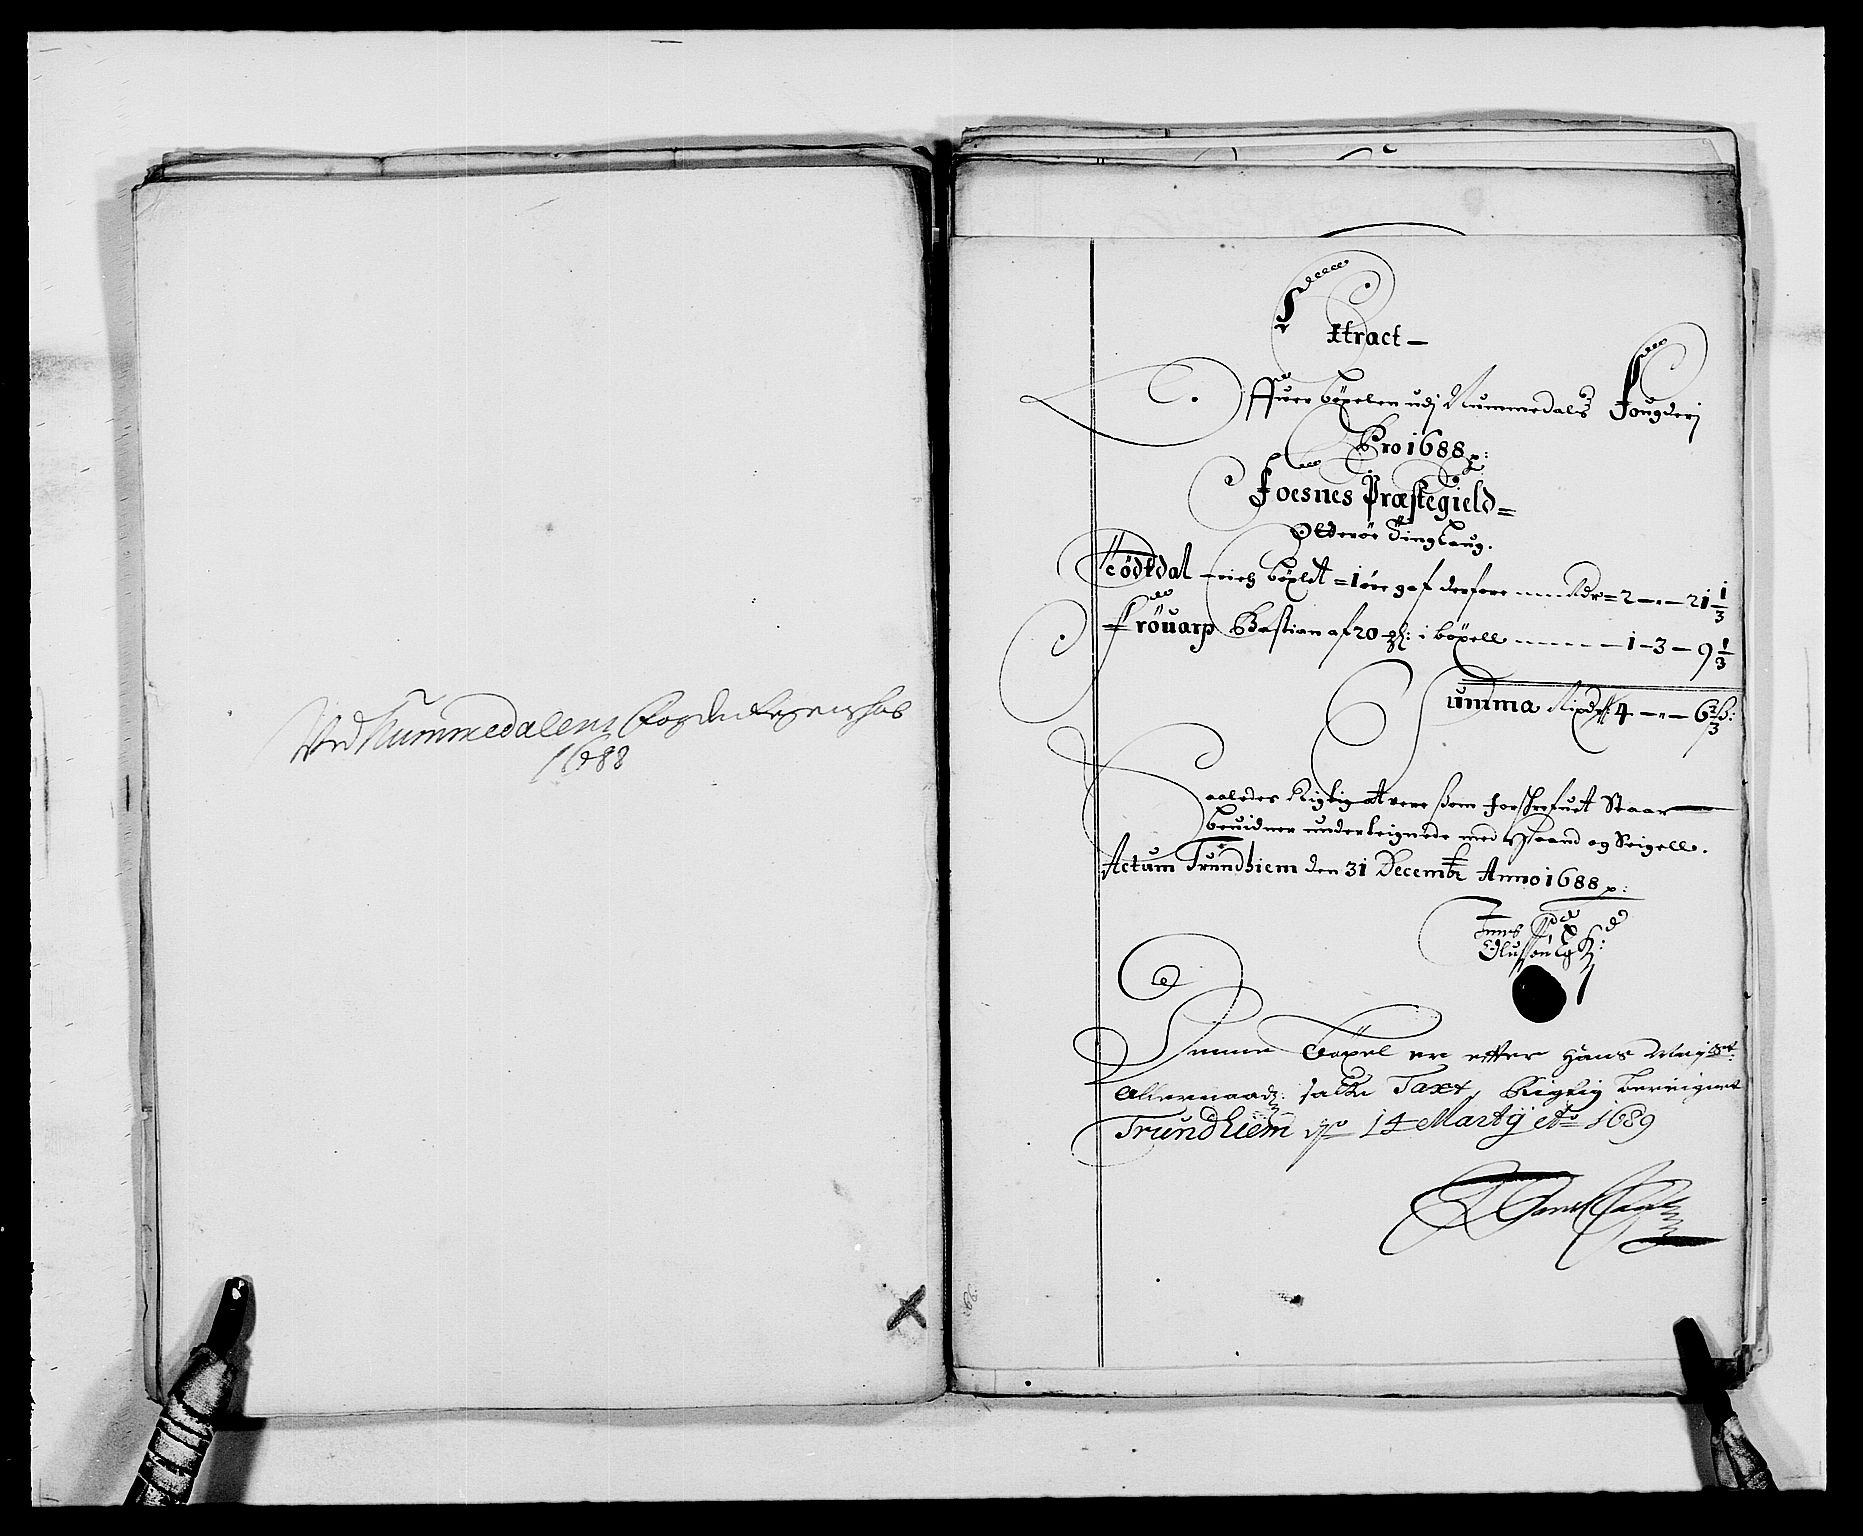 RA, Rentekammeret inntil 1814, Reviderte regnskaper, Fogderegnskap, R64/L4422: Fogderegnskap Namdal, 1687-1689, s. 157